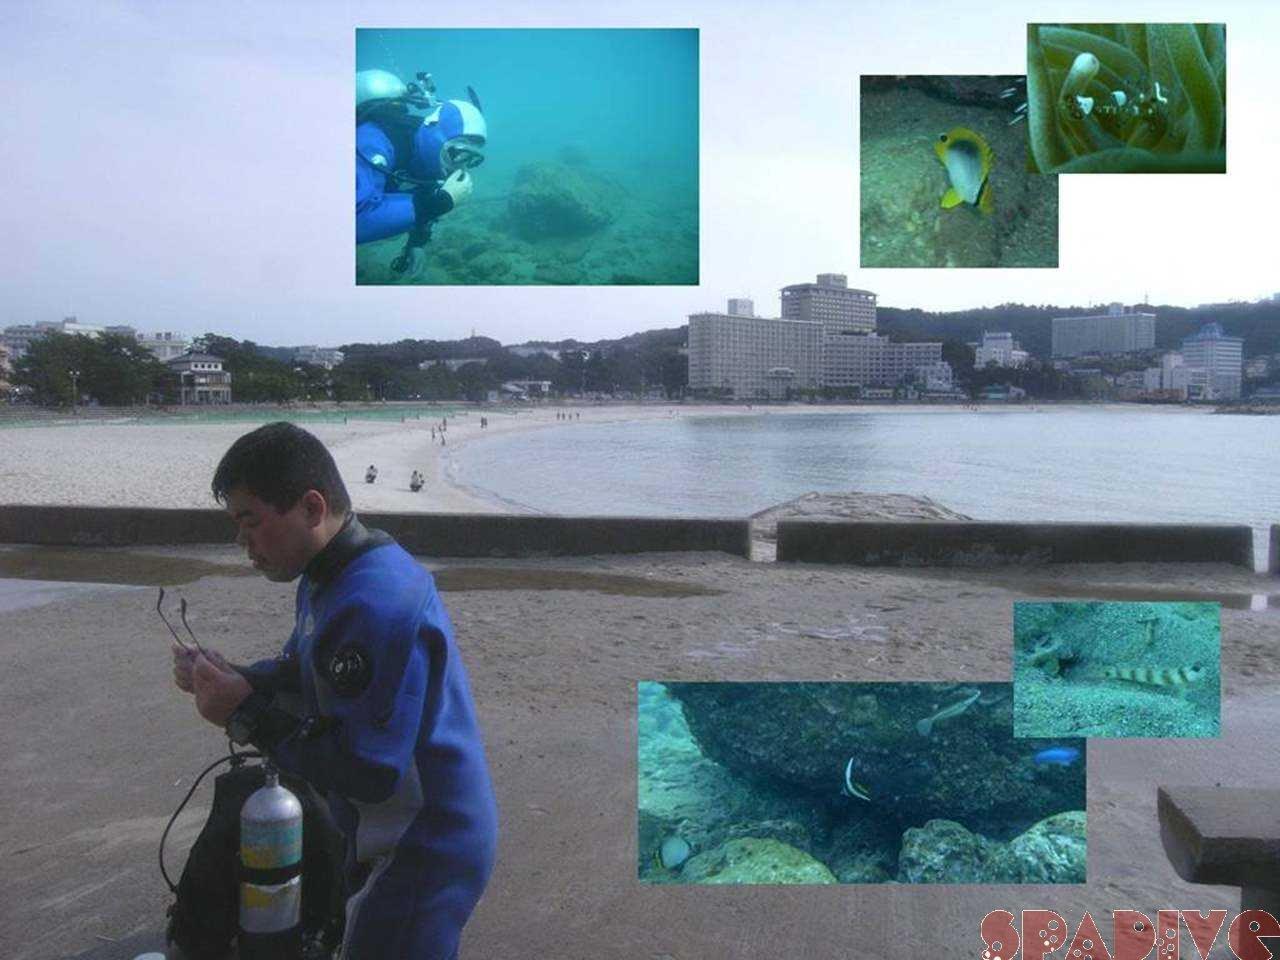 レスキューダイバーコース 1/6/2007白浜権現崎